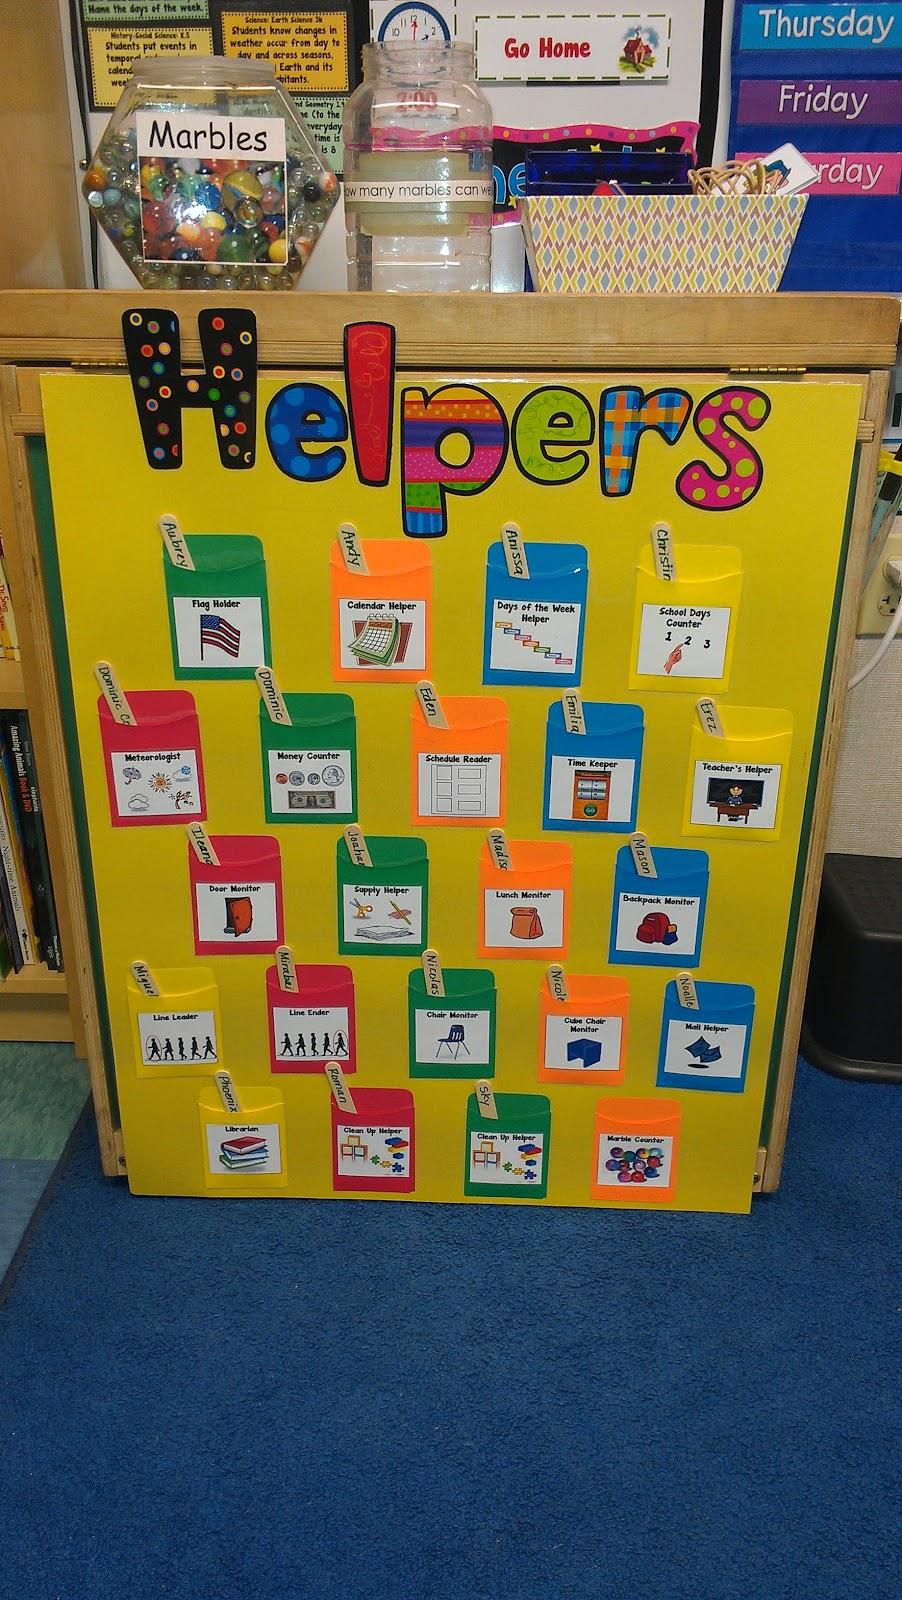 Kindergarten Classroom: Kindergarten Schmindergarten: Classroom Pictures